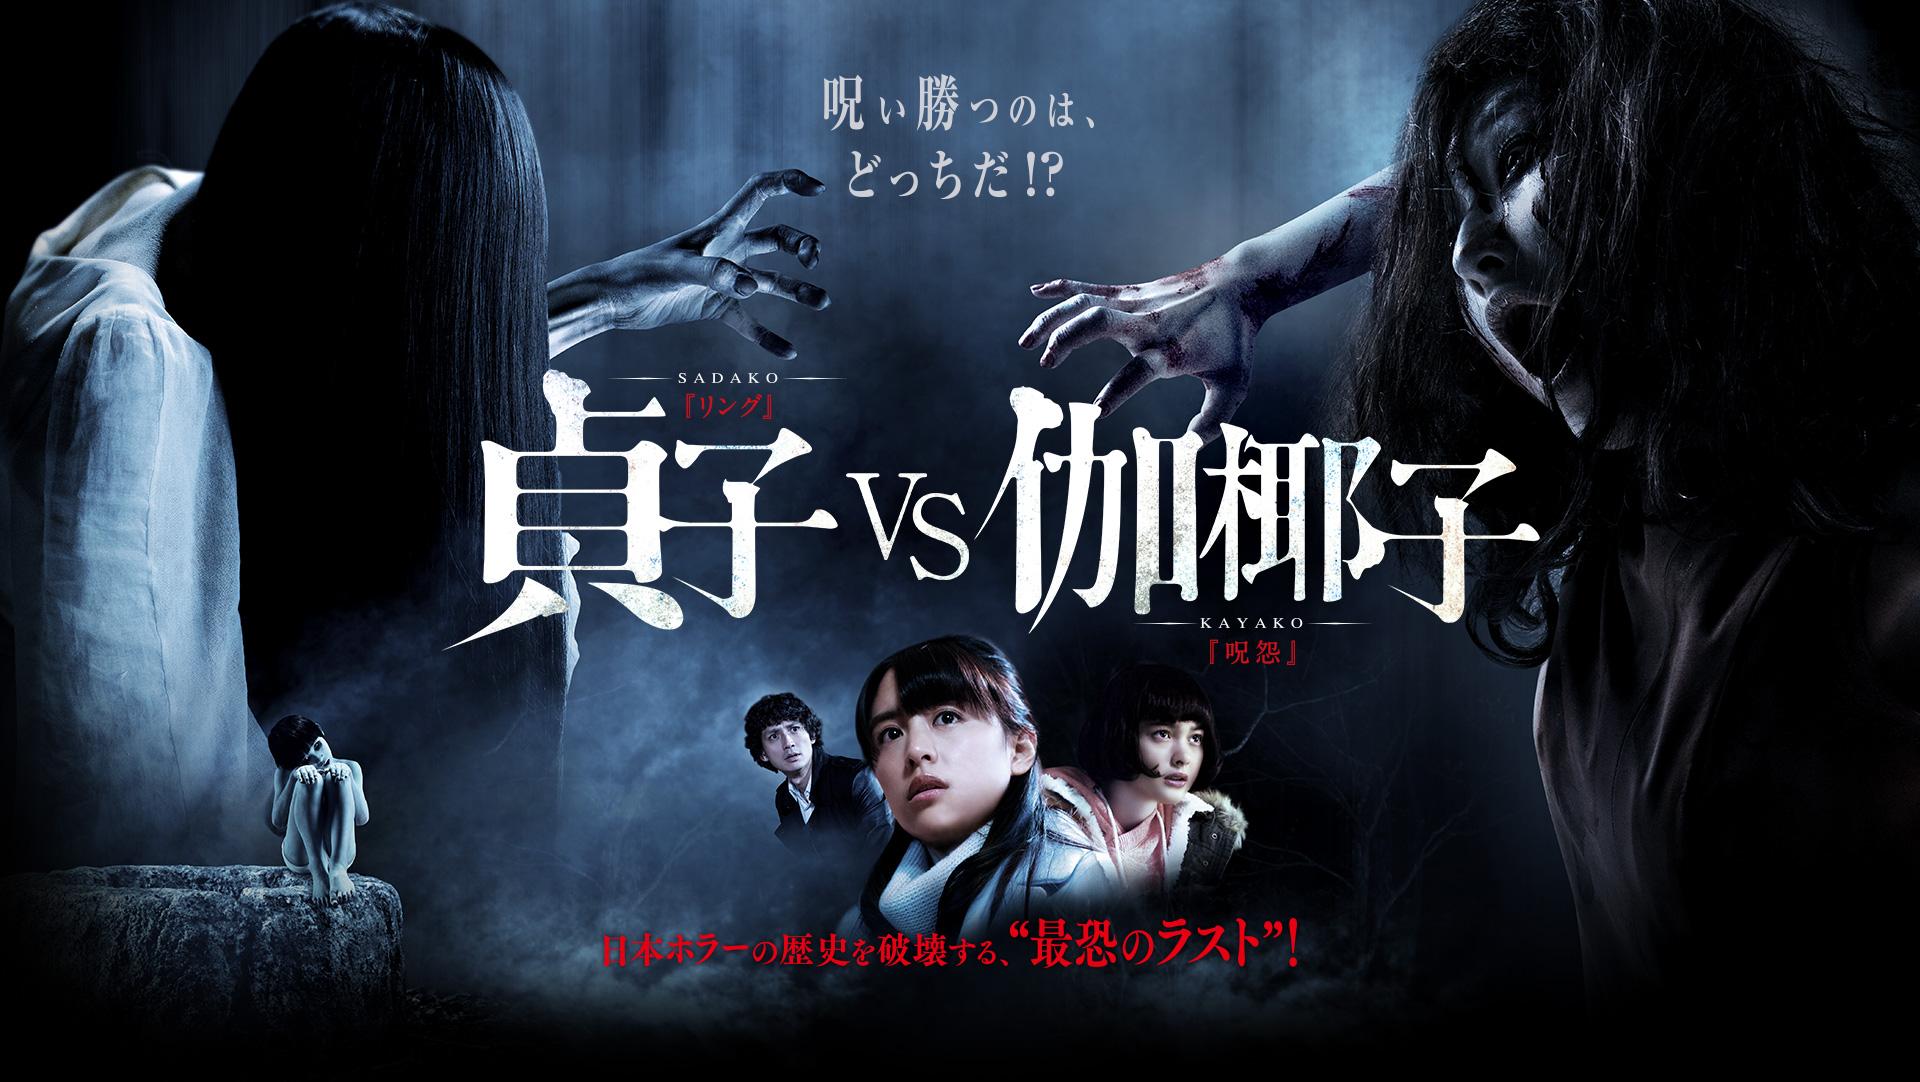 【貞子vs伽椰子】なんだこれΣ(゚Д゚) 怖くないけど面白い!?